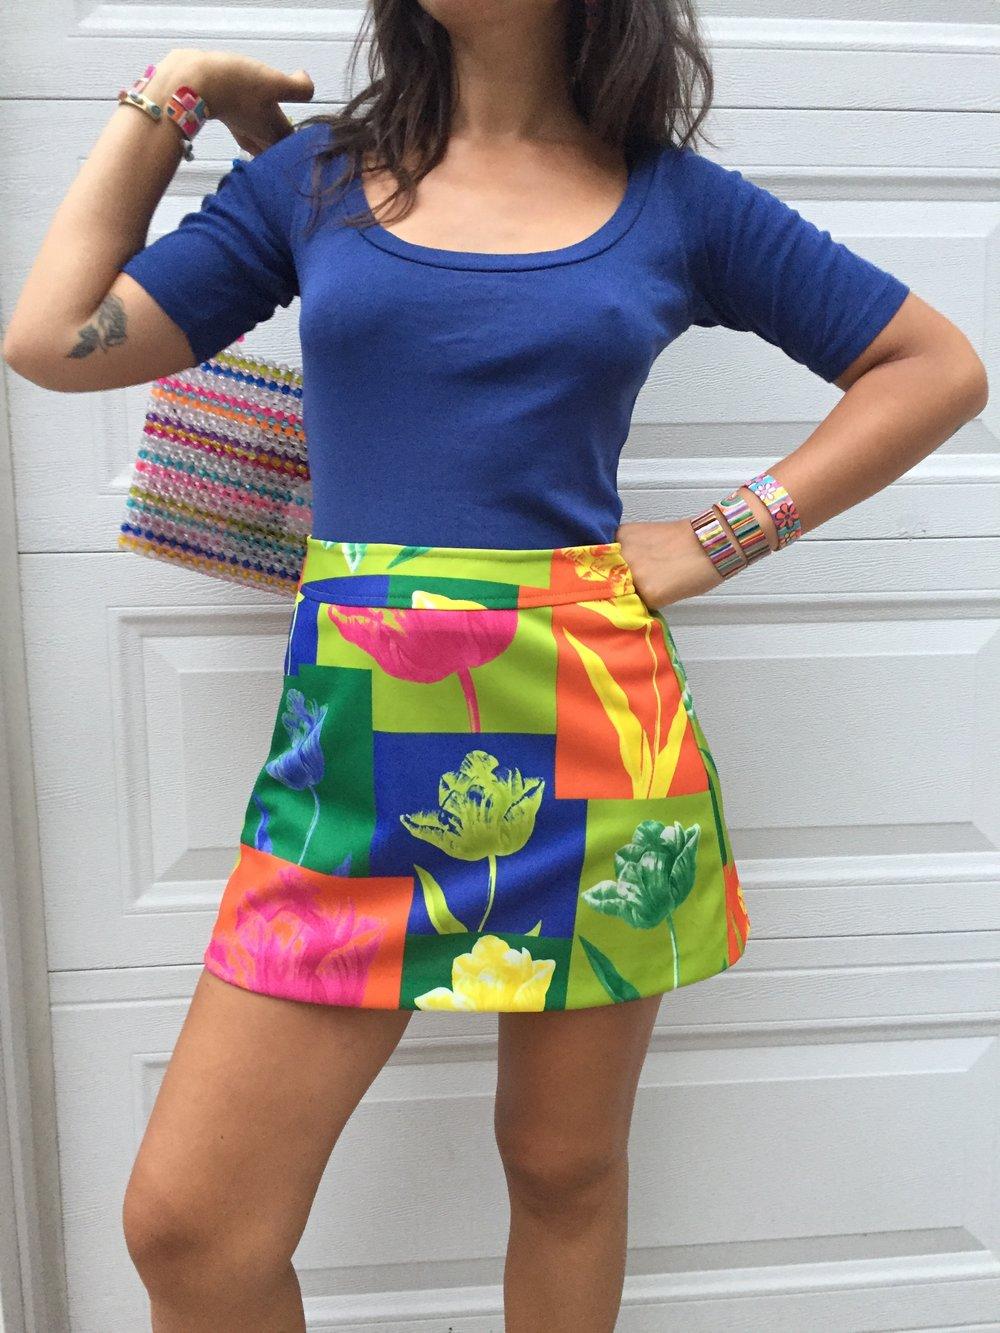 90s does 60s pop art floral mini skirt / raver chic tulip print flower power go go skirt